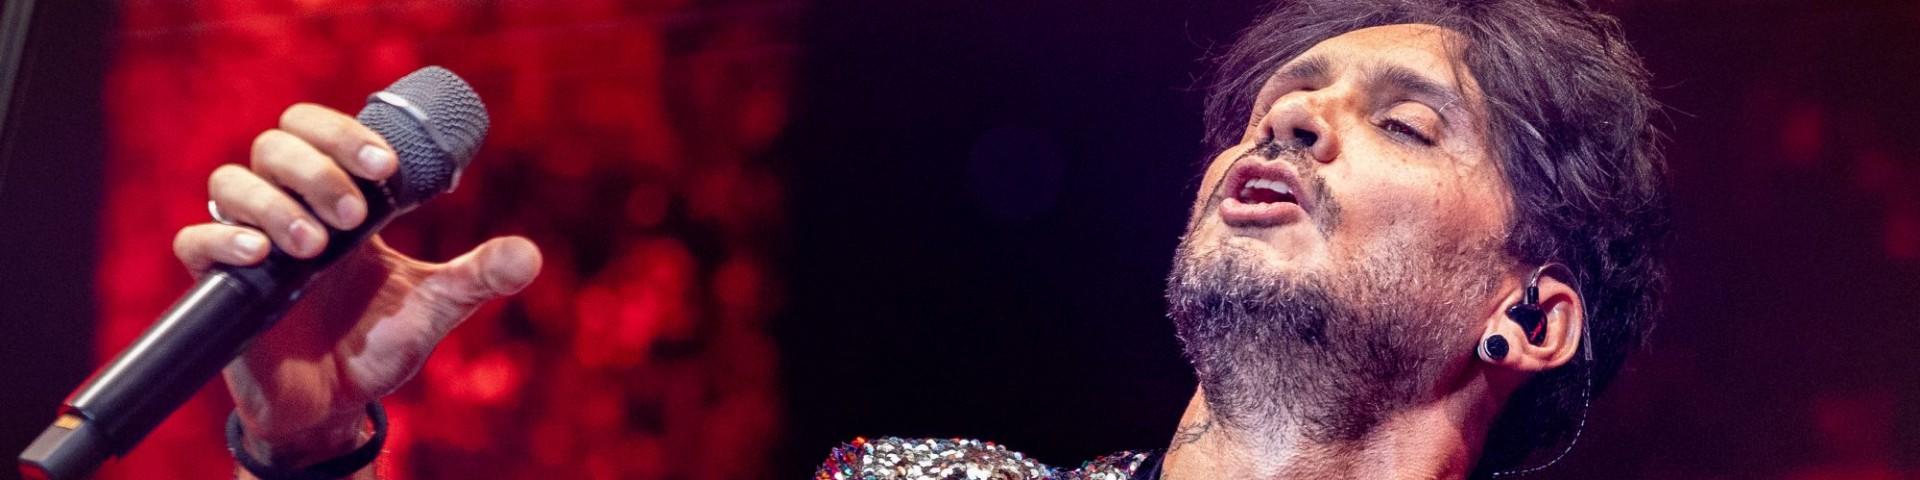 """La Bellacanzone della settimana è """"Il senso di ogni cosa"""" di Fabrizio Moro"""